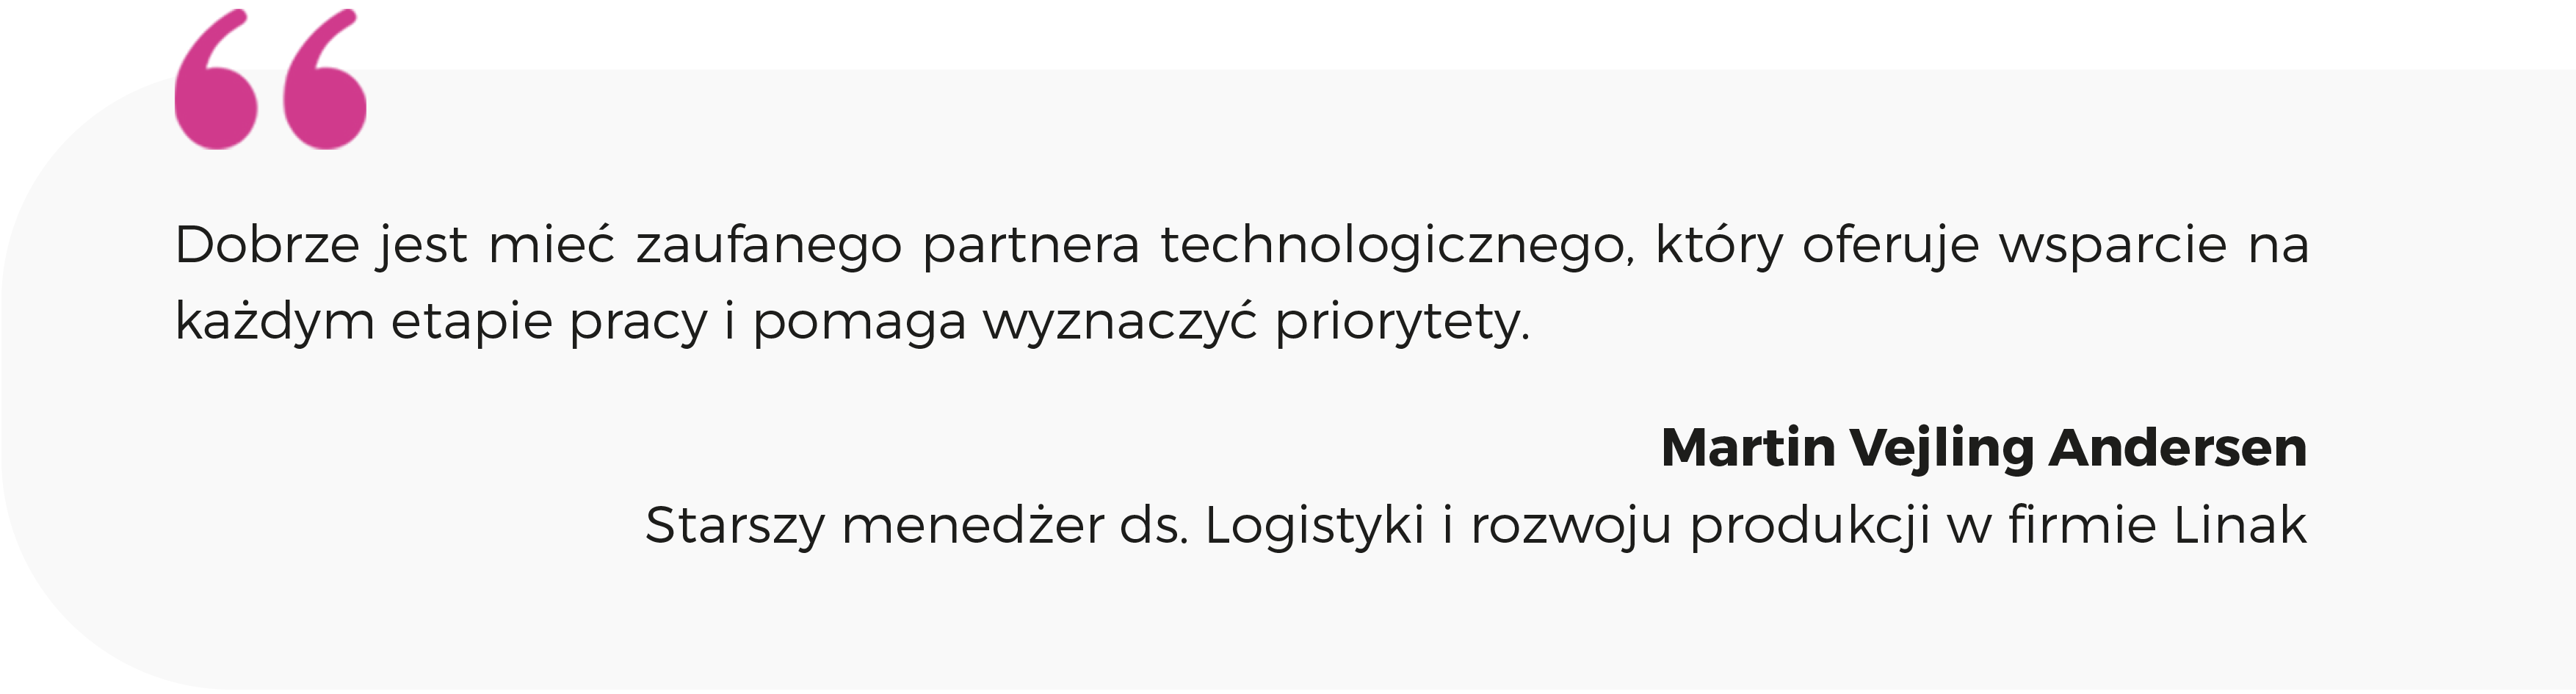 Linak_industrializacja_komórki_cyfrowej_rozwiązanie_IoT